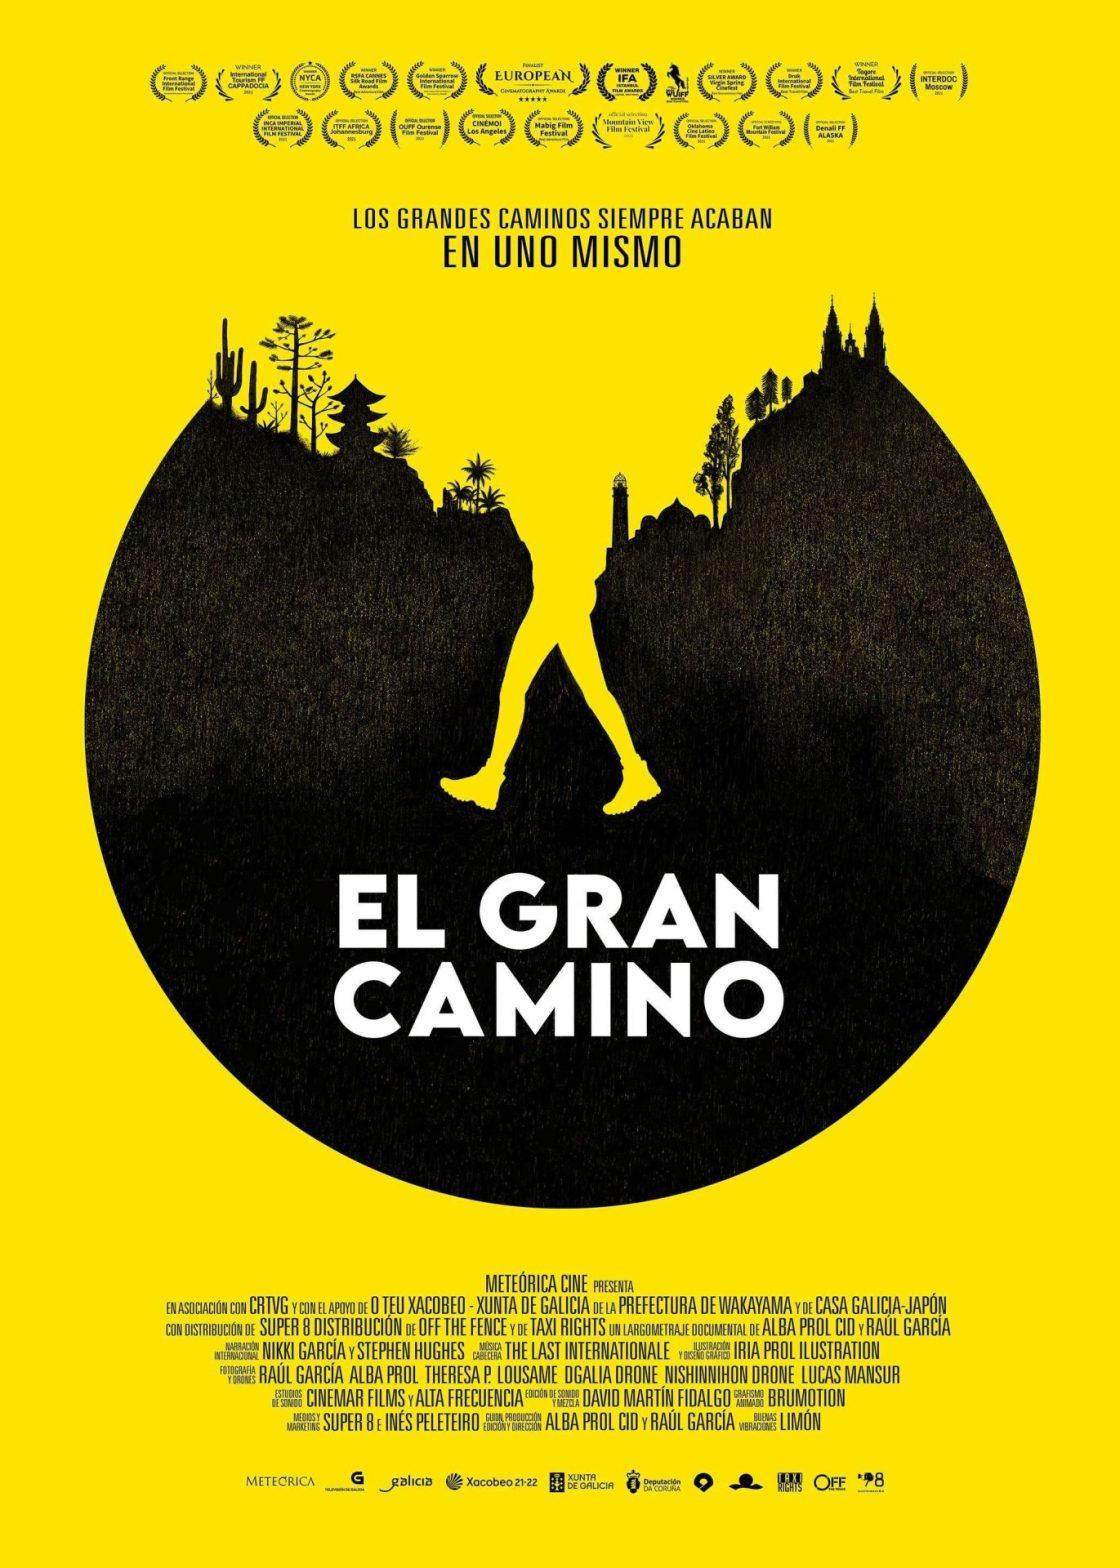 Preestreno Palacio de la Prensa. El Gran Camino (The Great Way).Autor: El Gran Camino. (The Great Way)